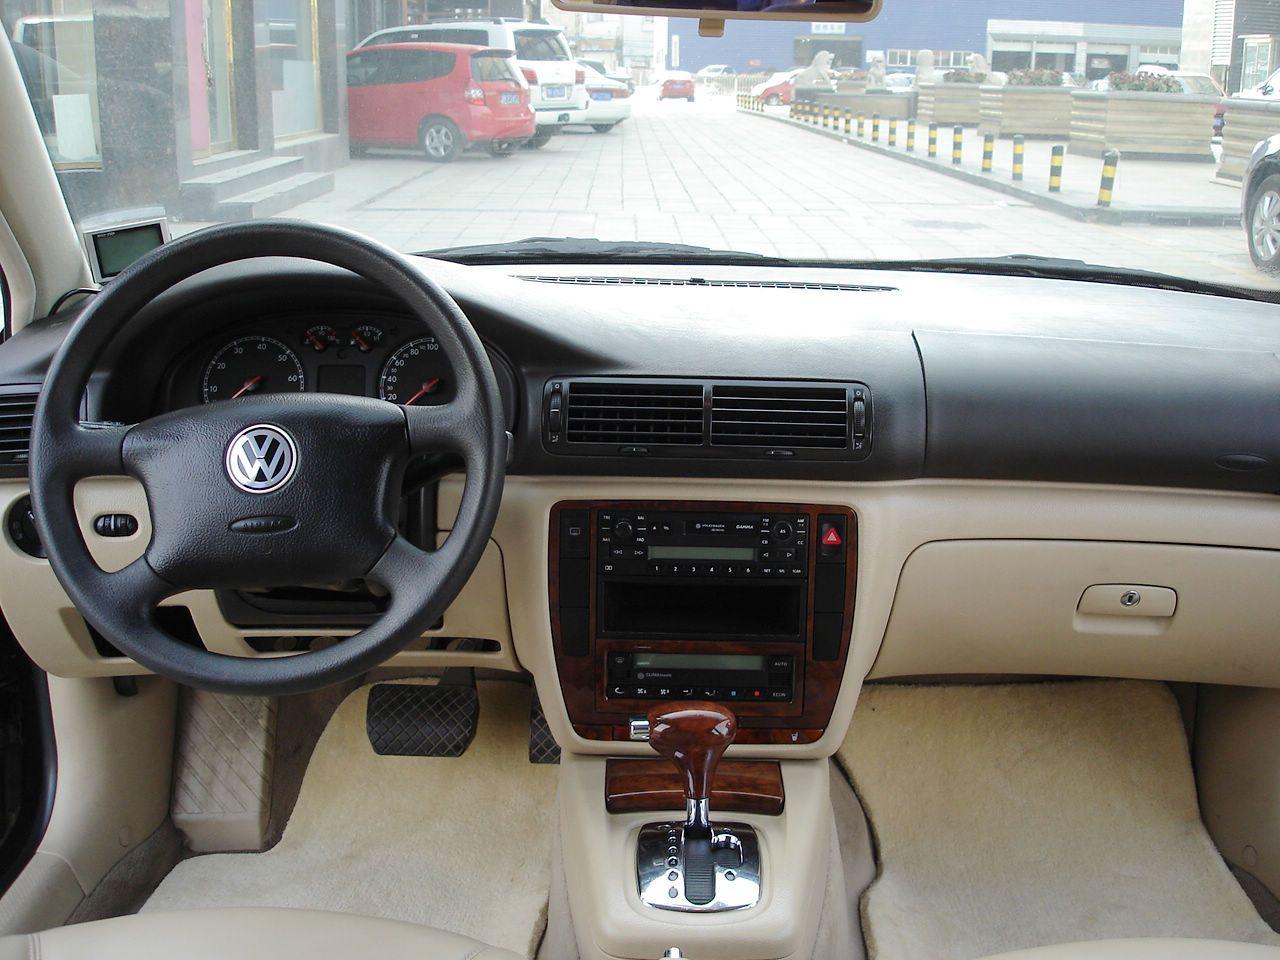 北京二手帕萨特_2001年帕萨特 中级轿车1.8L,